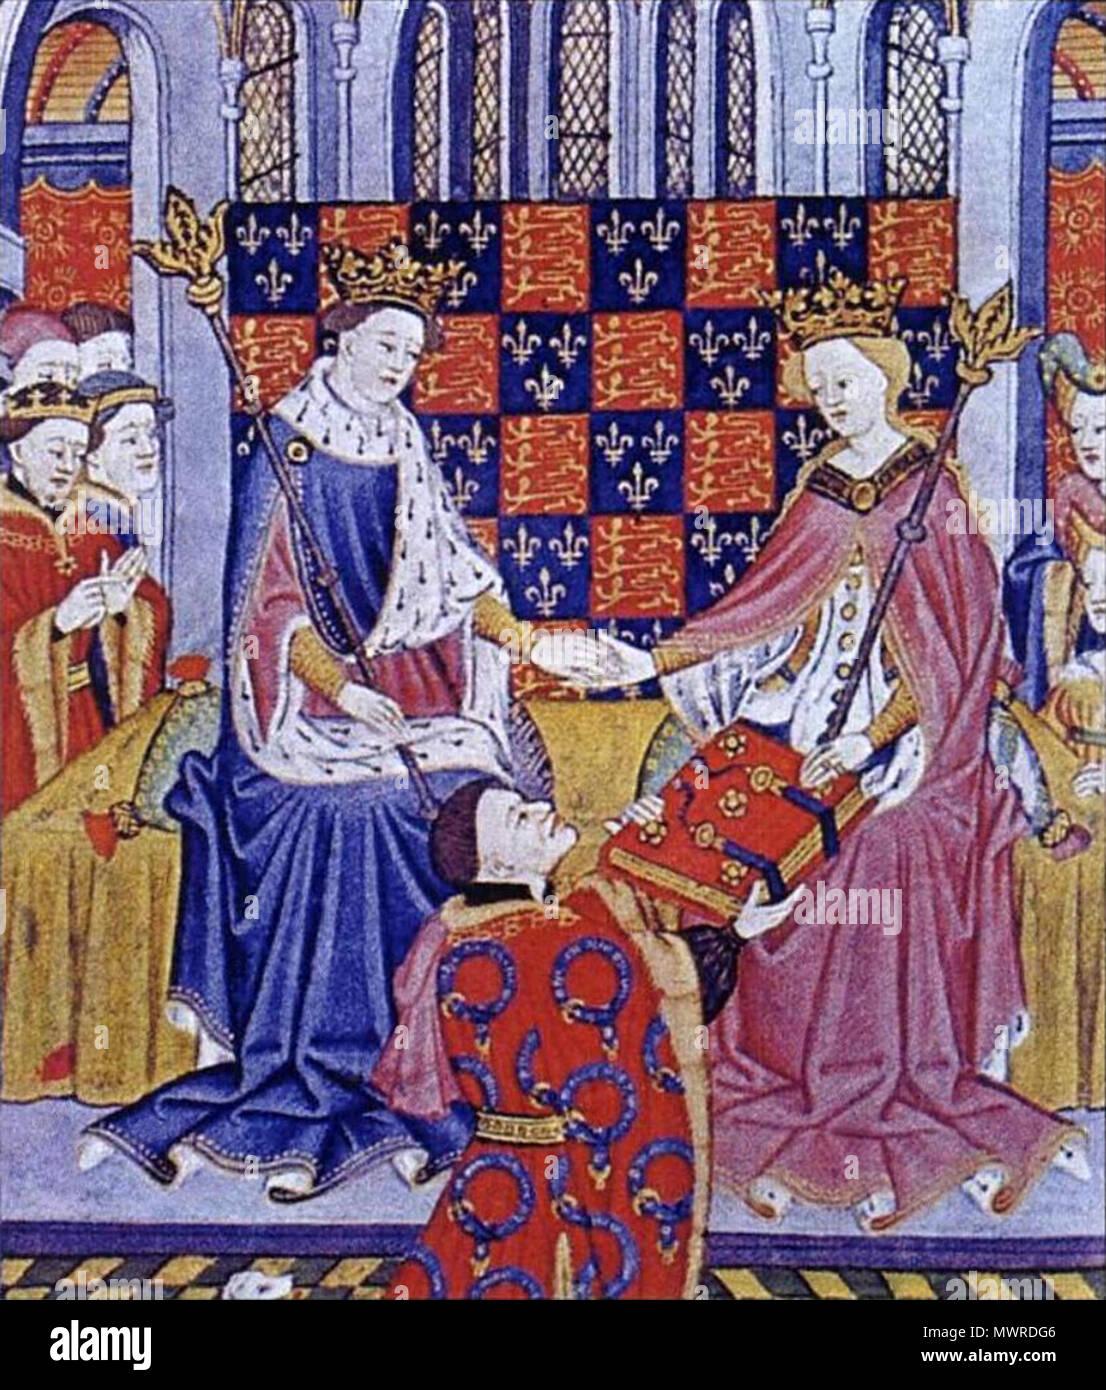 . Anglais: John Talbot, présente le livre de Romances (Shrewsbury) Livre de Marguerite d'Anjou, épouse du roi Henry VI . circa 1445. Maître Talbot (fl. à Rouen, ch. 1430-60) 501 Présentation du livre de romances Photo Stock